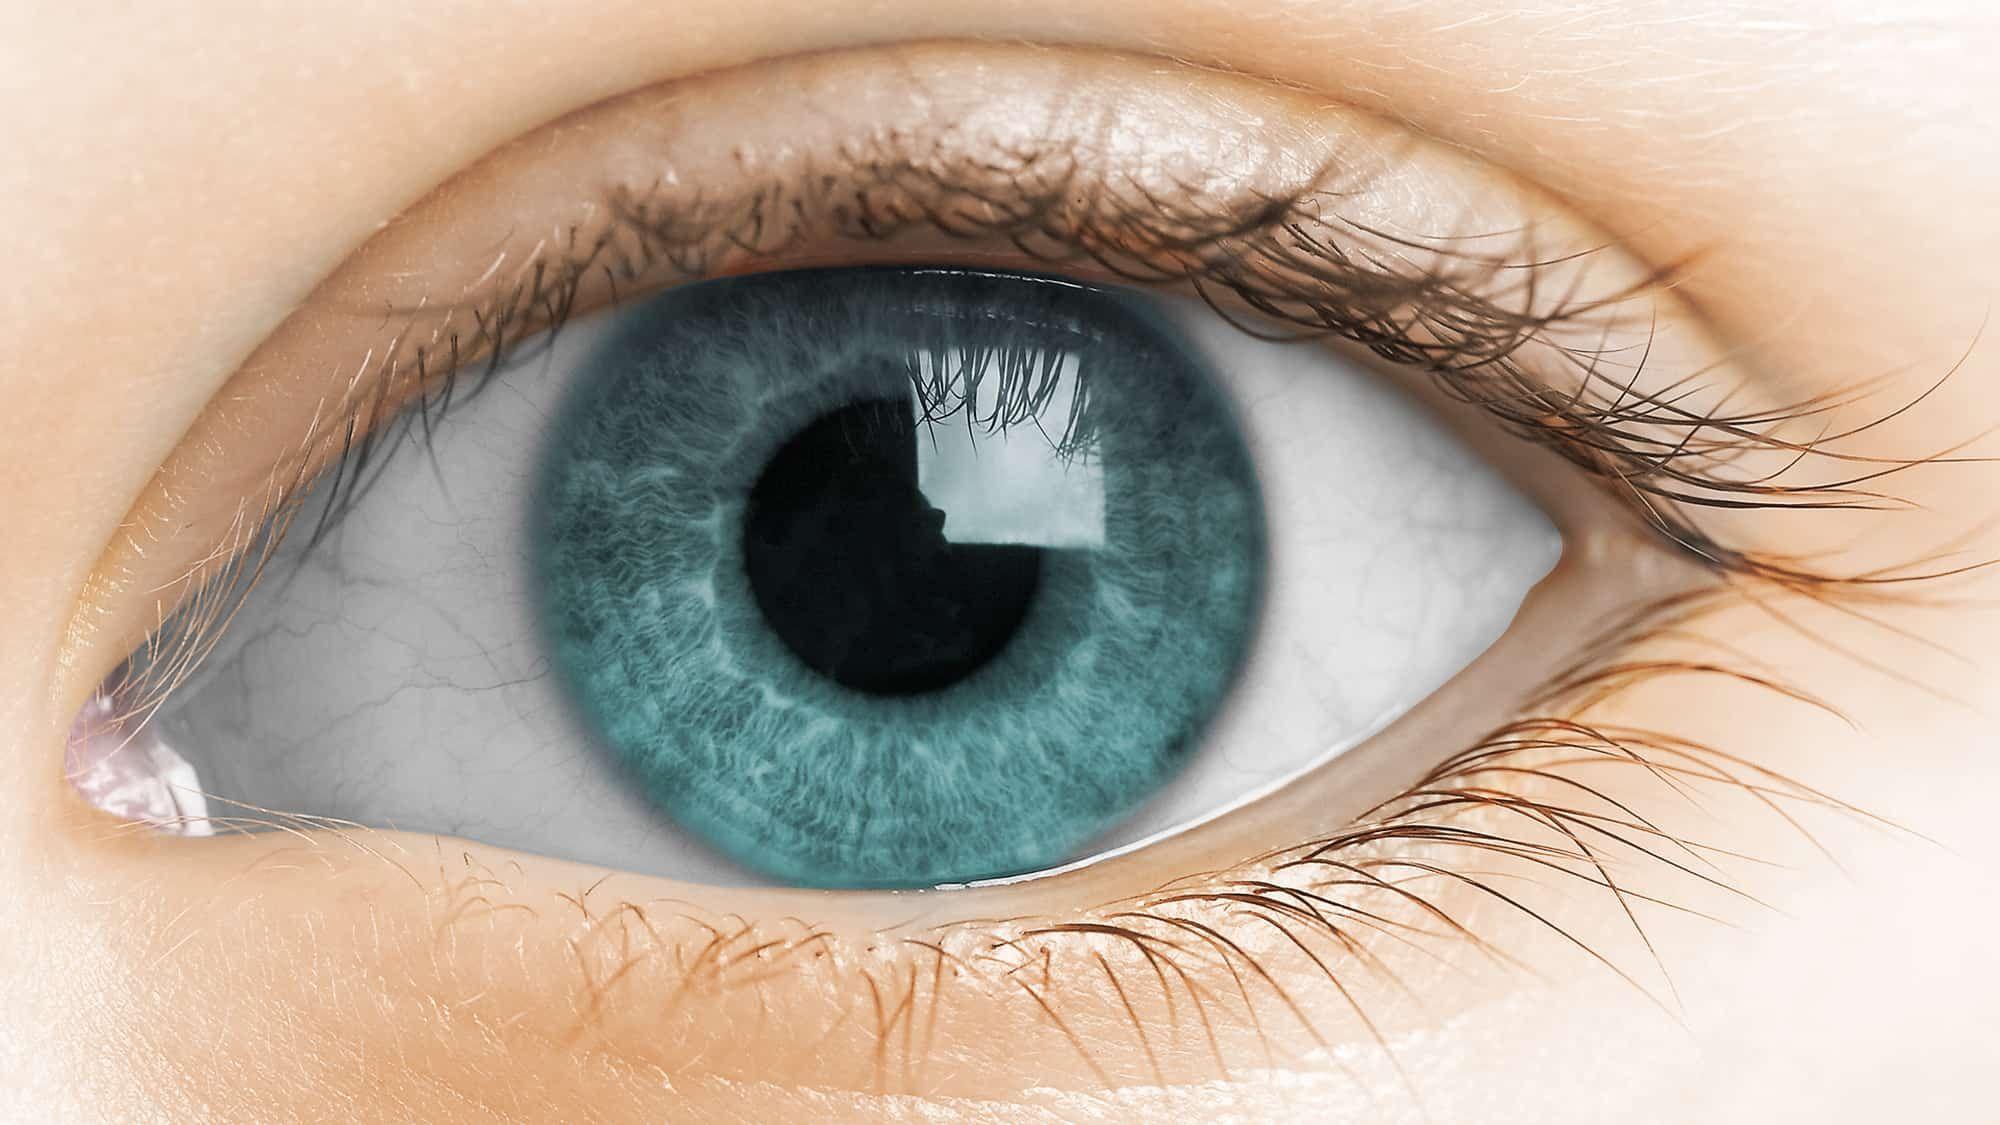 ما هي علامات الحسد فى البيت علاج المنزل المحسود موسوعة Eye Close Up Human Eye Change Your Eye Color